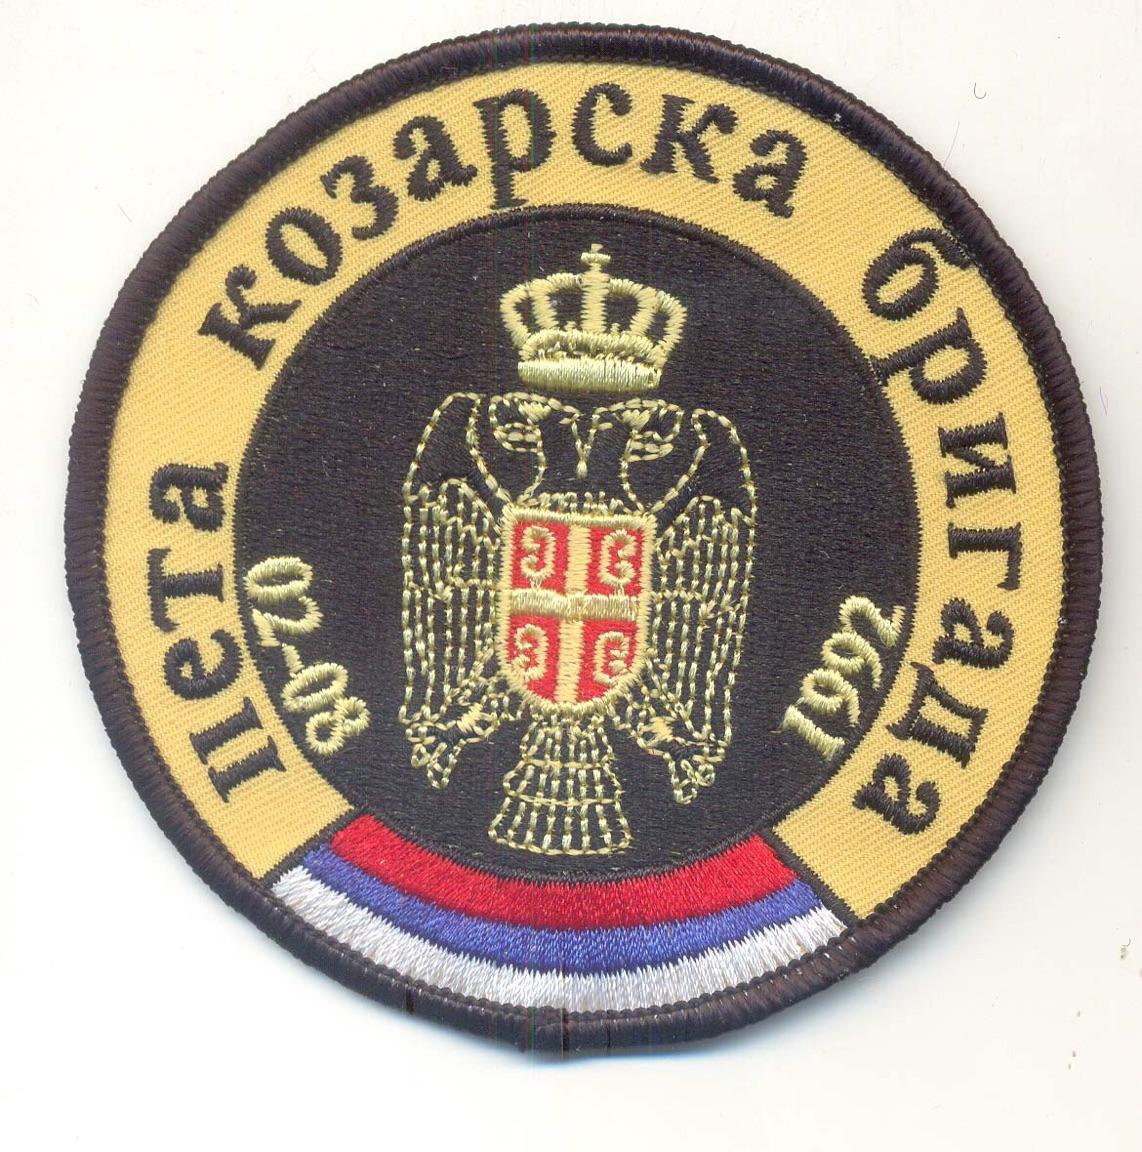 Image of 5th Kozara Light Infantry Brigade Insignia